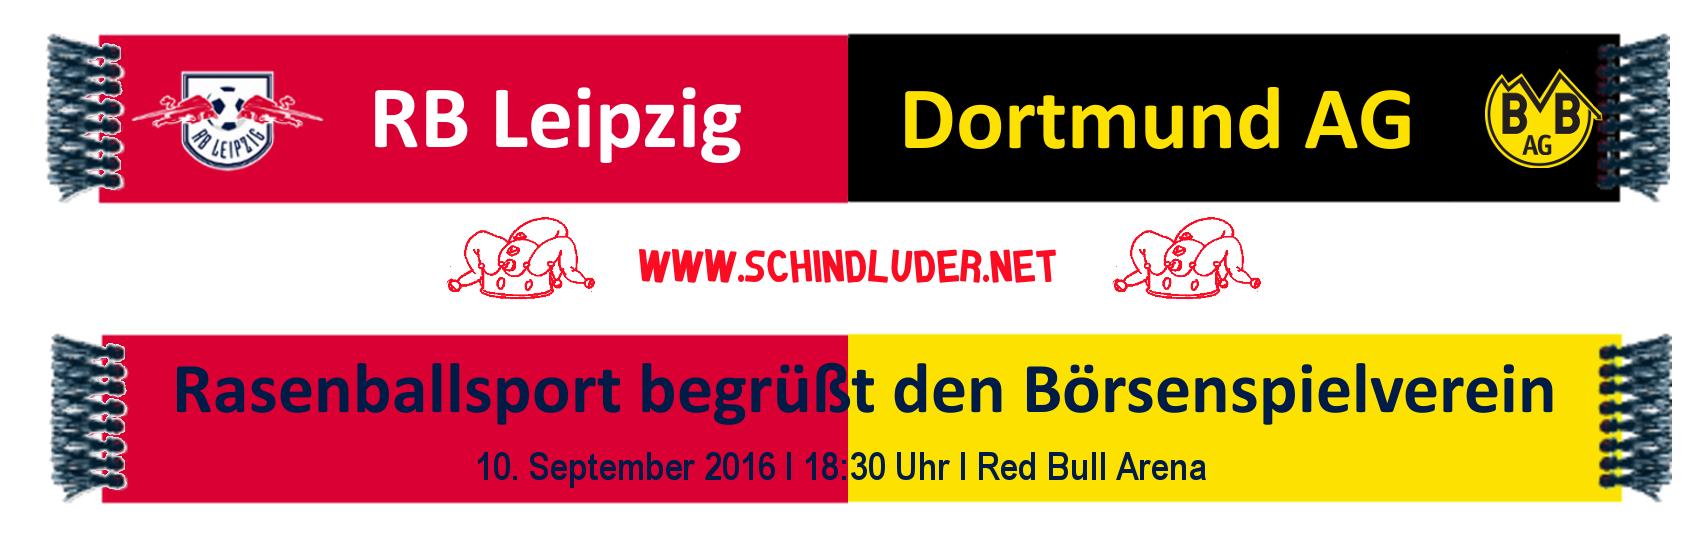 Rb Leipzig Sichert Sich Nicht Rasenball Beim Markenamt Aber